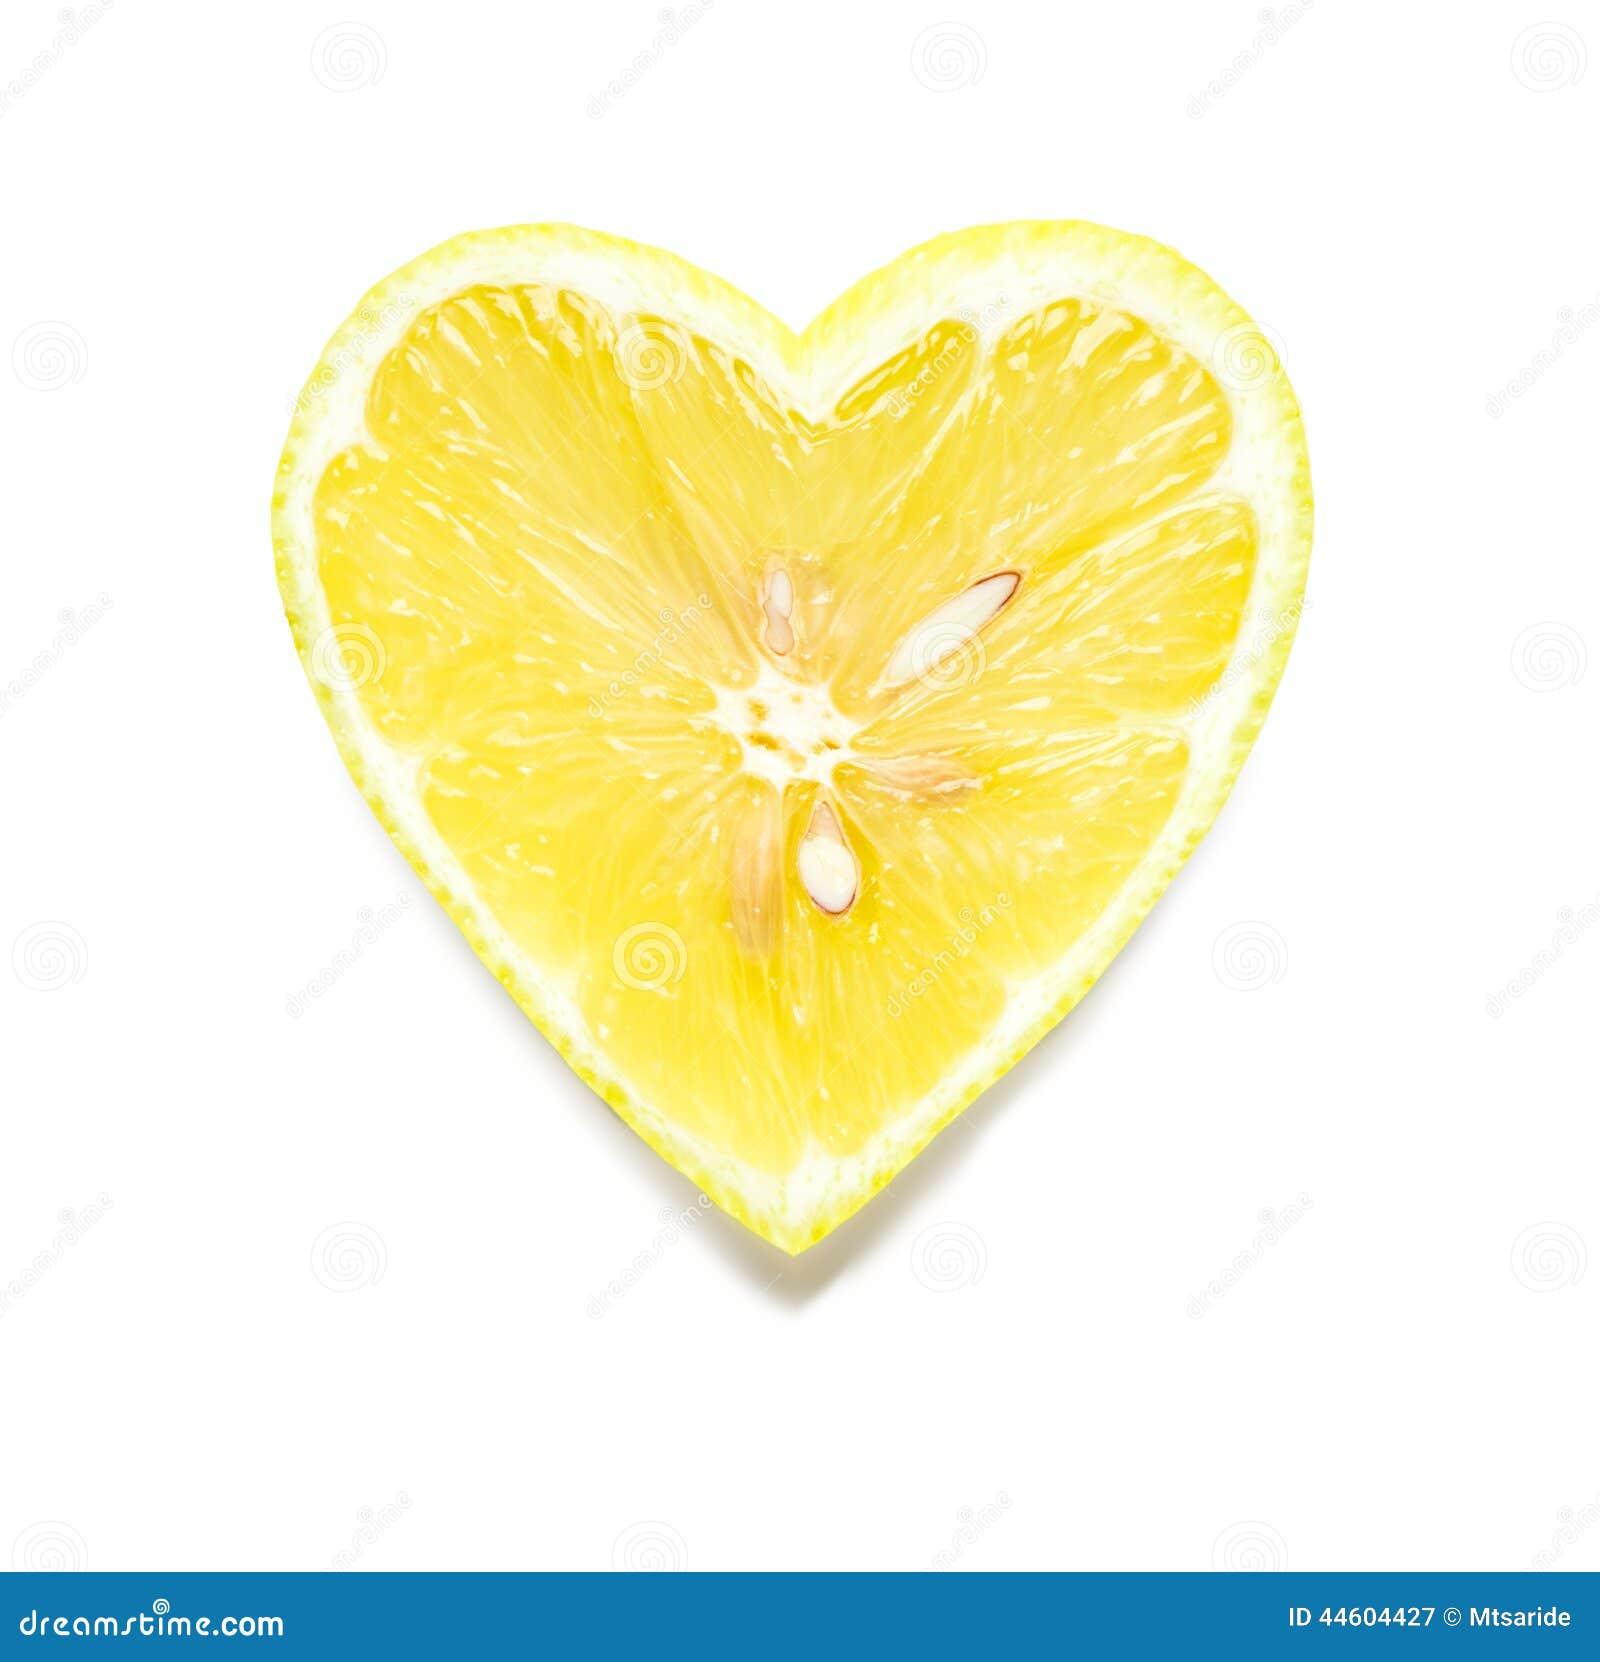 Διαμορφωμένη καρδιά φέτα λεμονιών